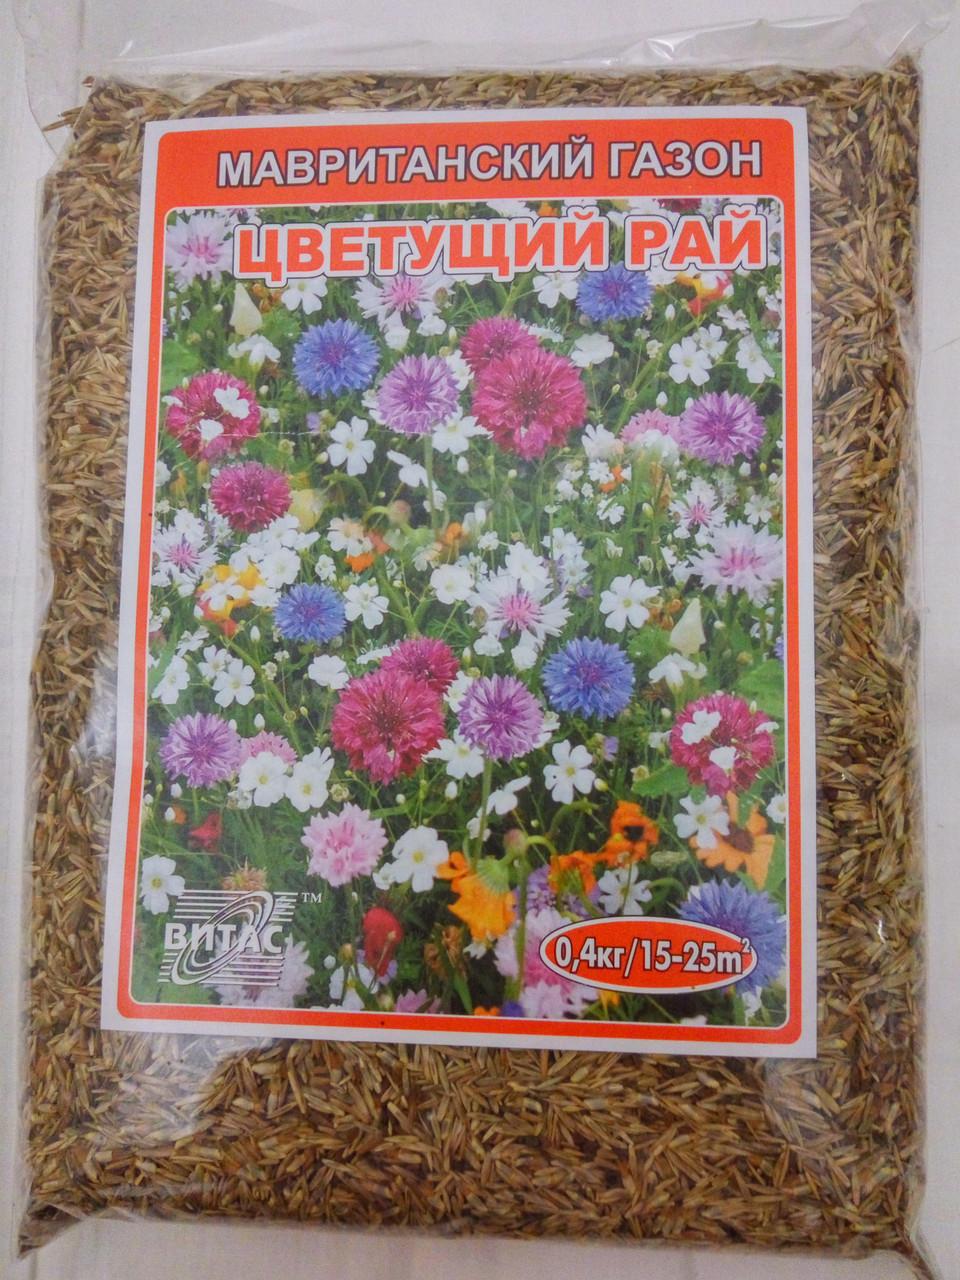 """Мавританский газон """"Цветущий рай"""" упаковка 0,4 кг, фото 1"""